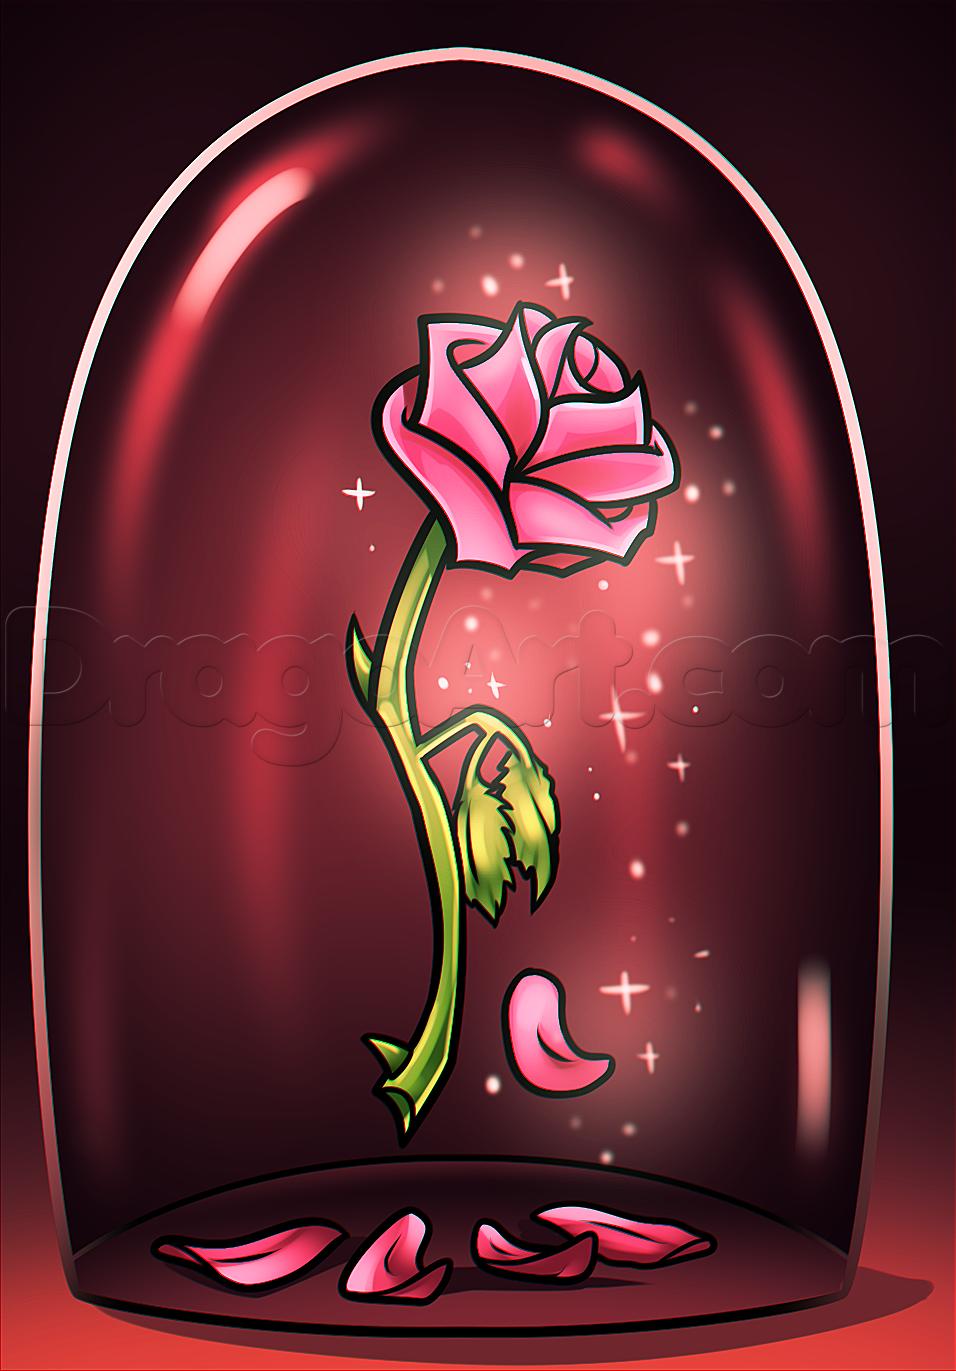 Drawn red rose cartoon Beauty beast Beginnger &